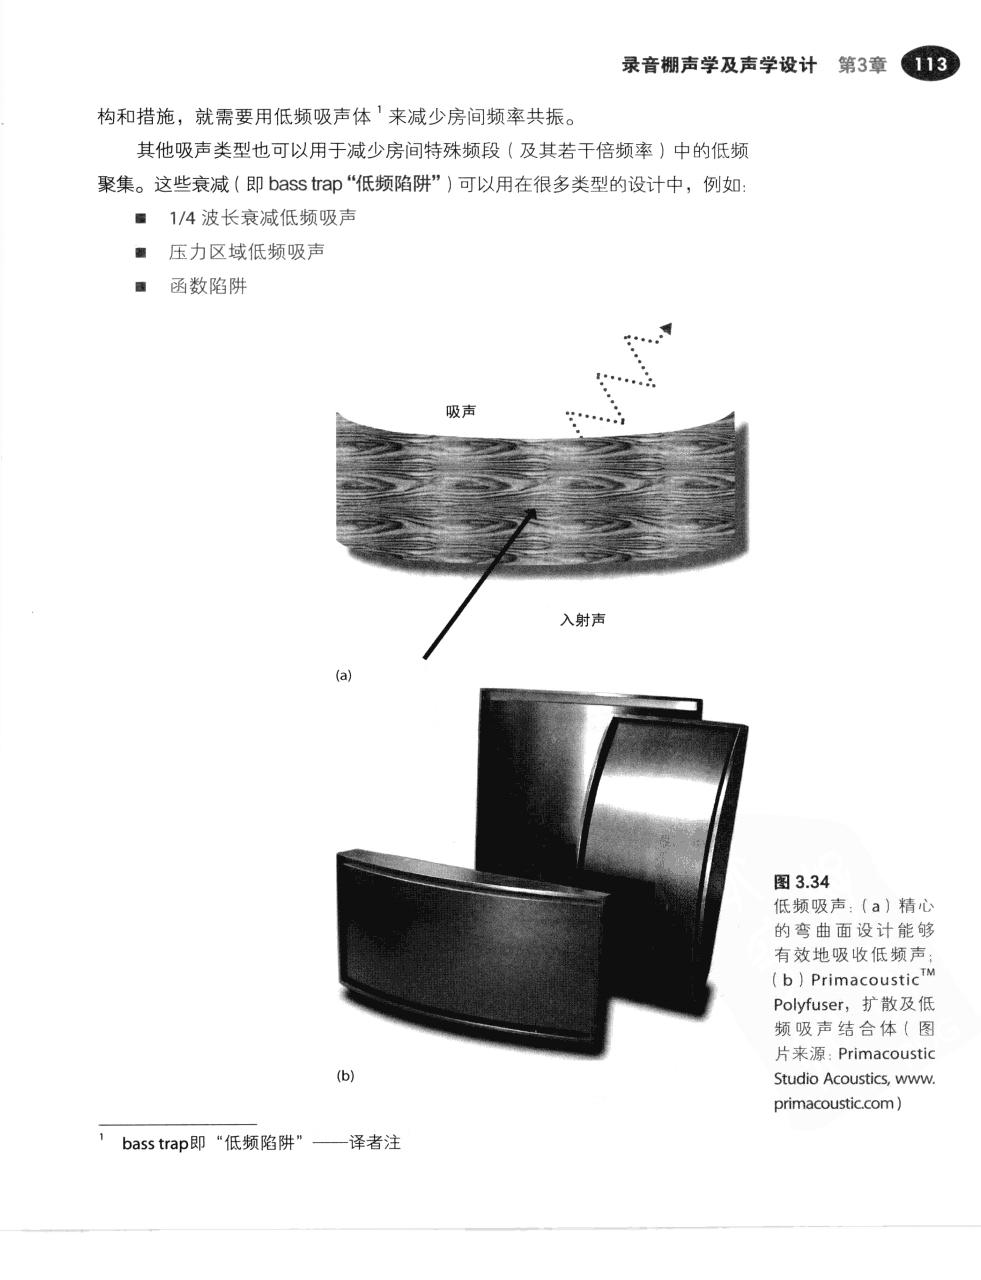 现代录音技术(第7版) 140